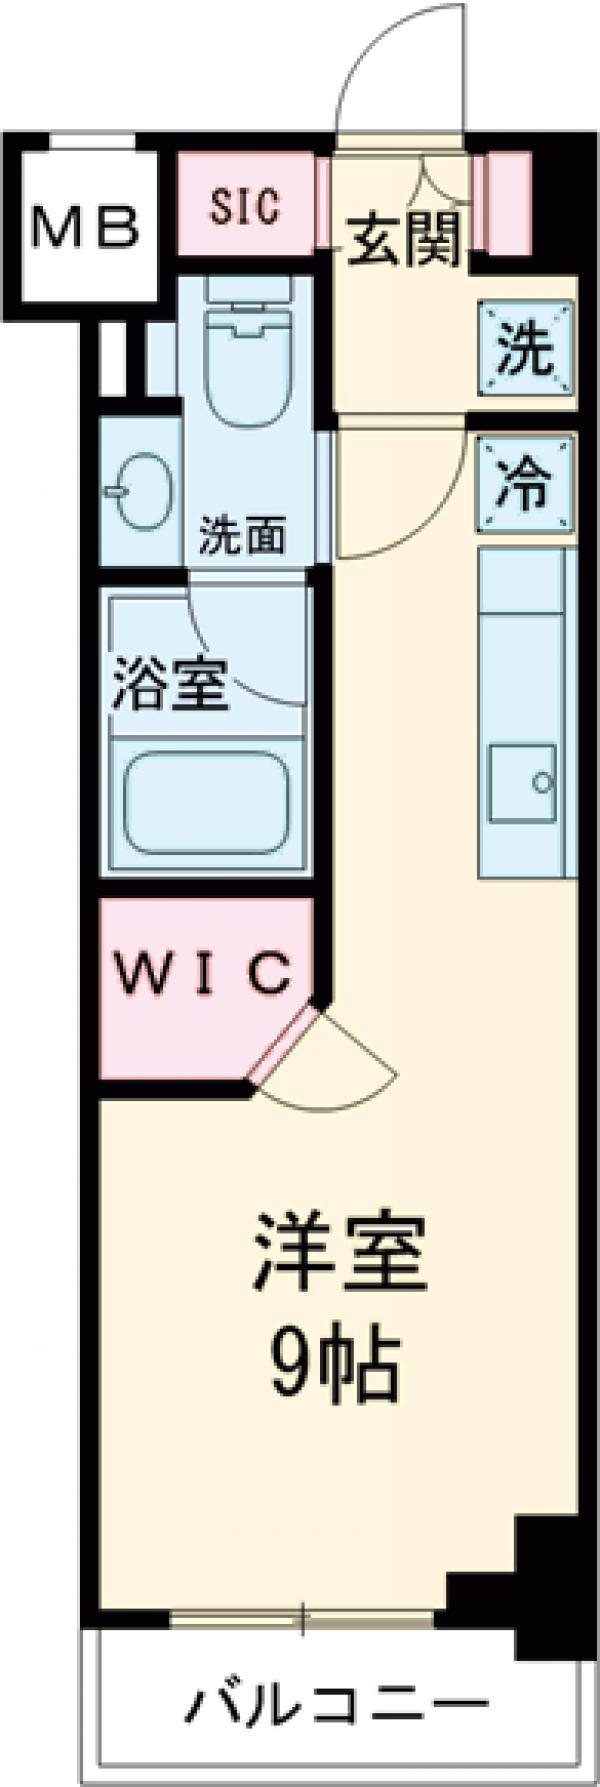 ザ・パークハビオ西大井・514号室の間取り